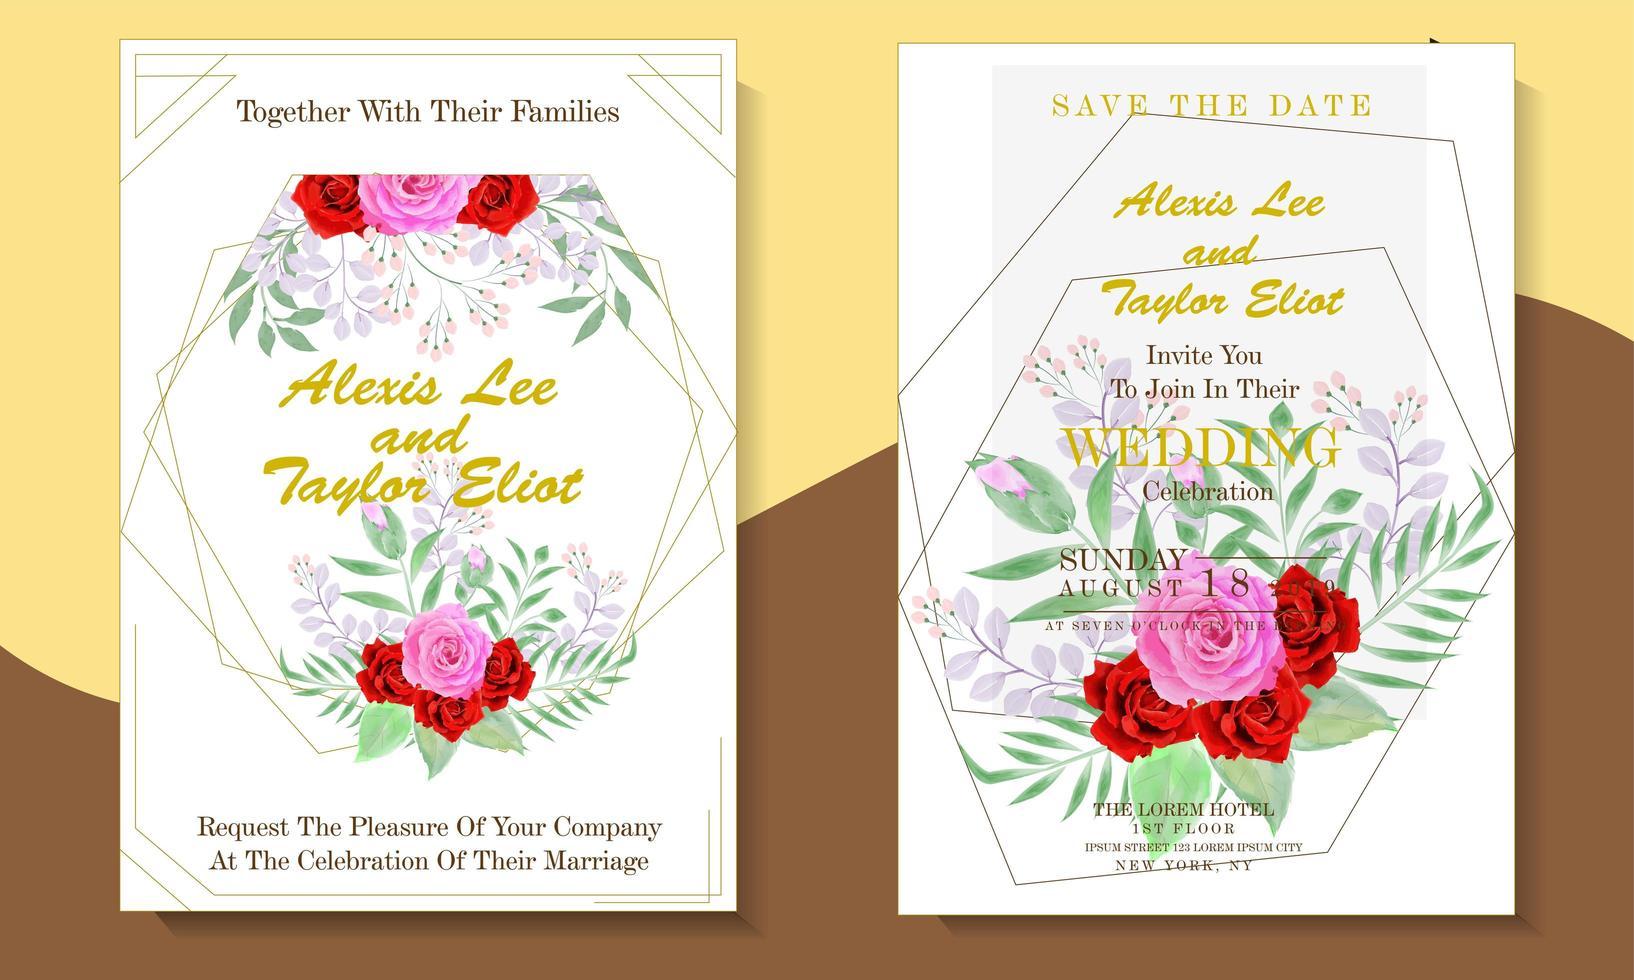 blommig akvarell bröllop inbjudningskort med geometriska former vektor